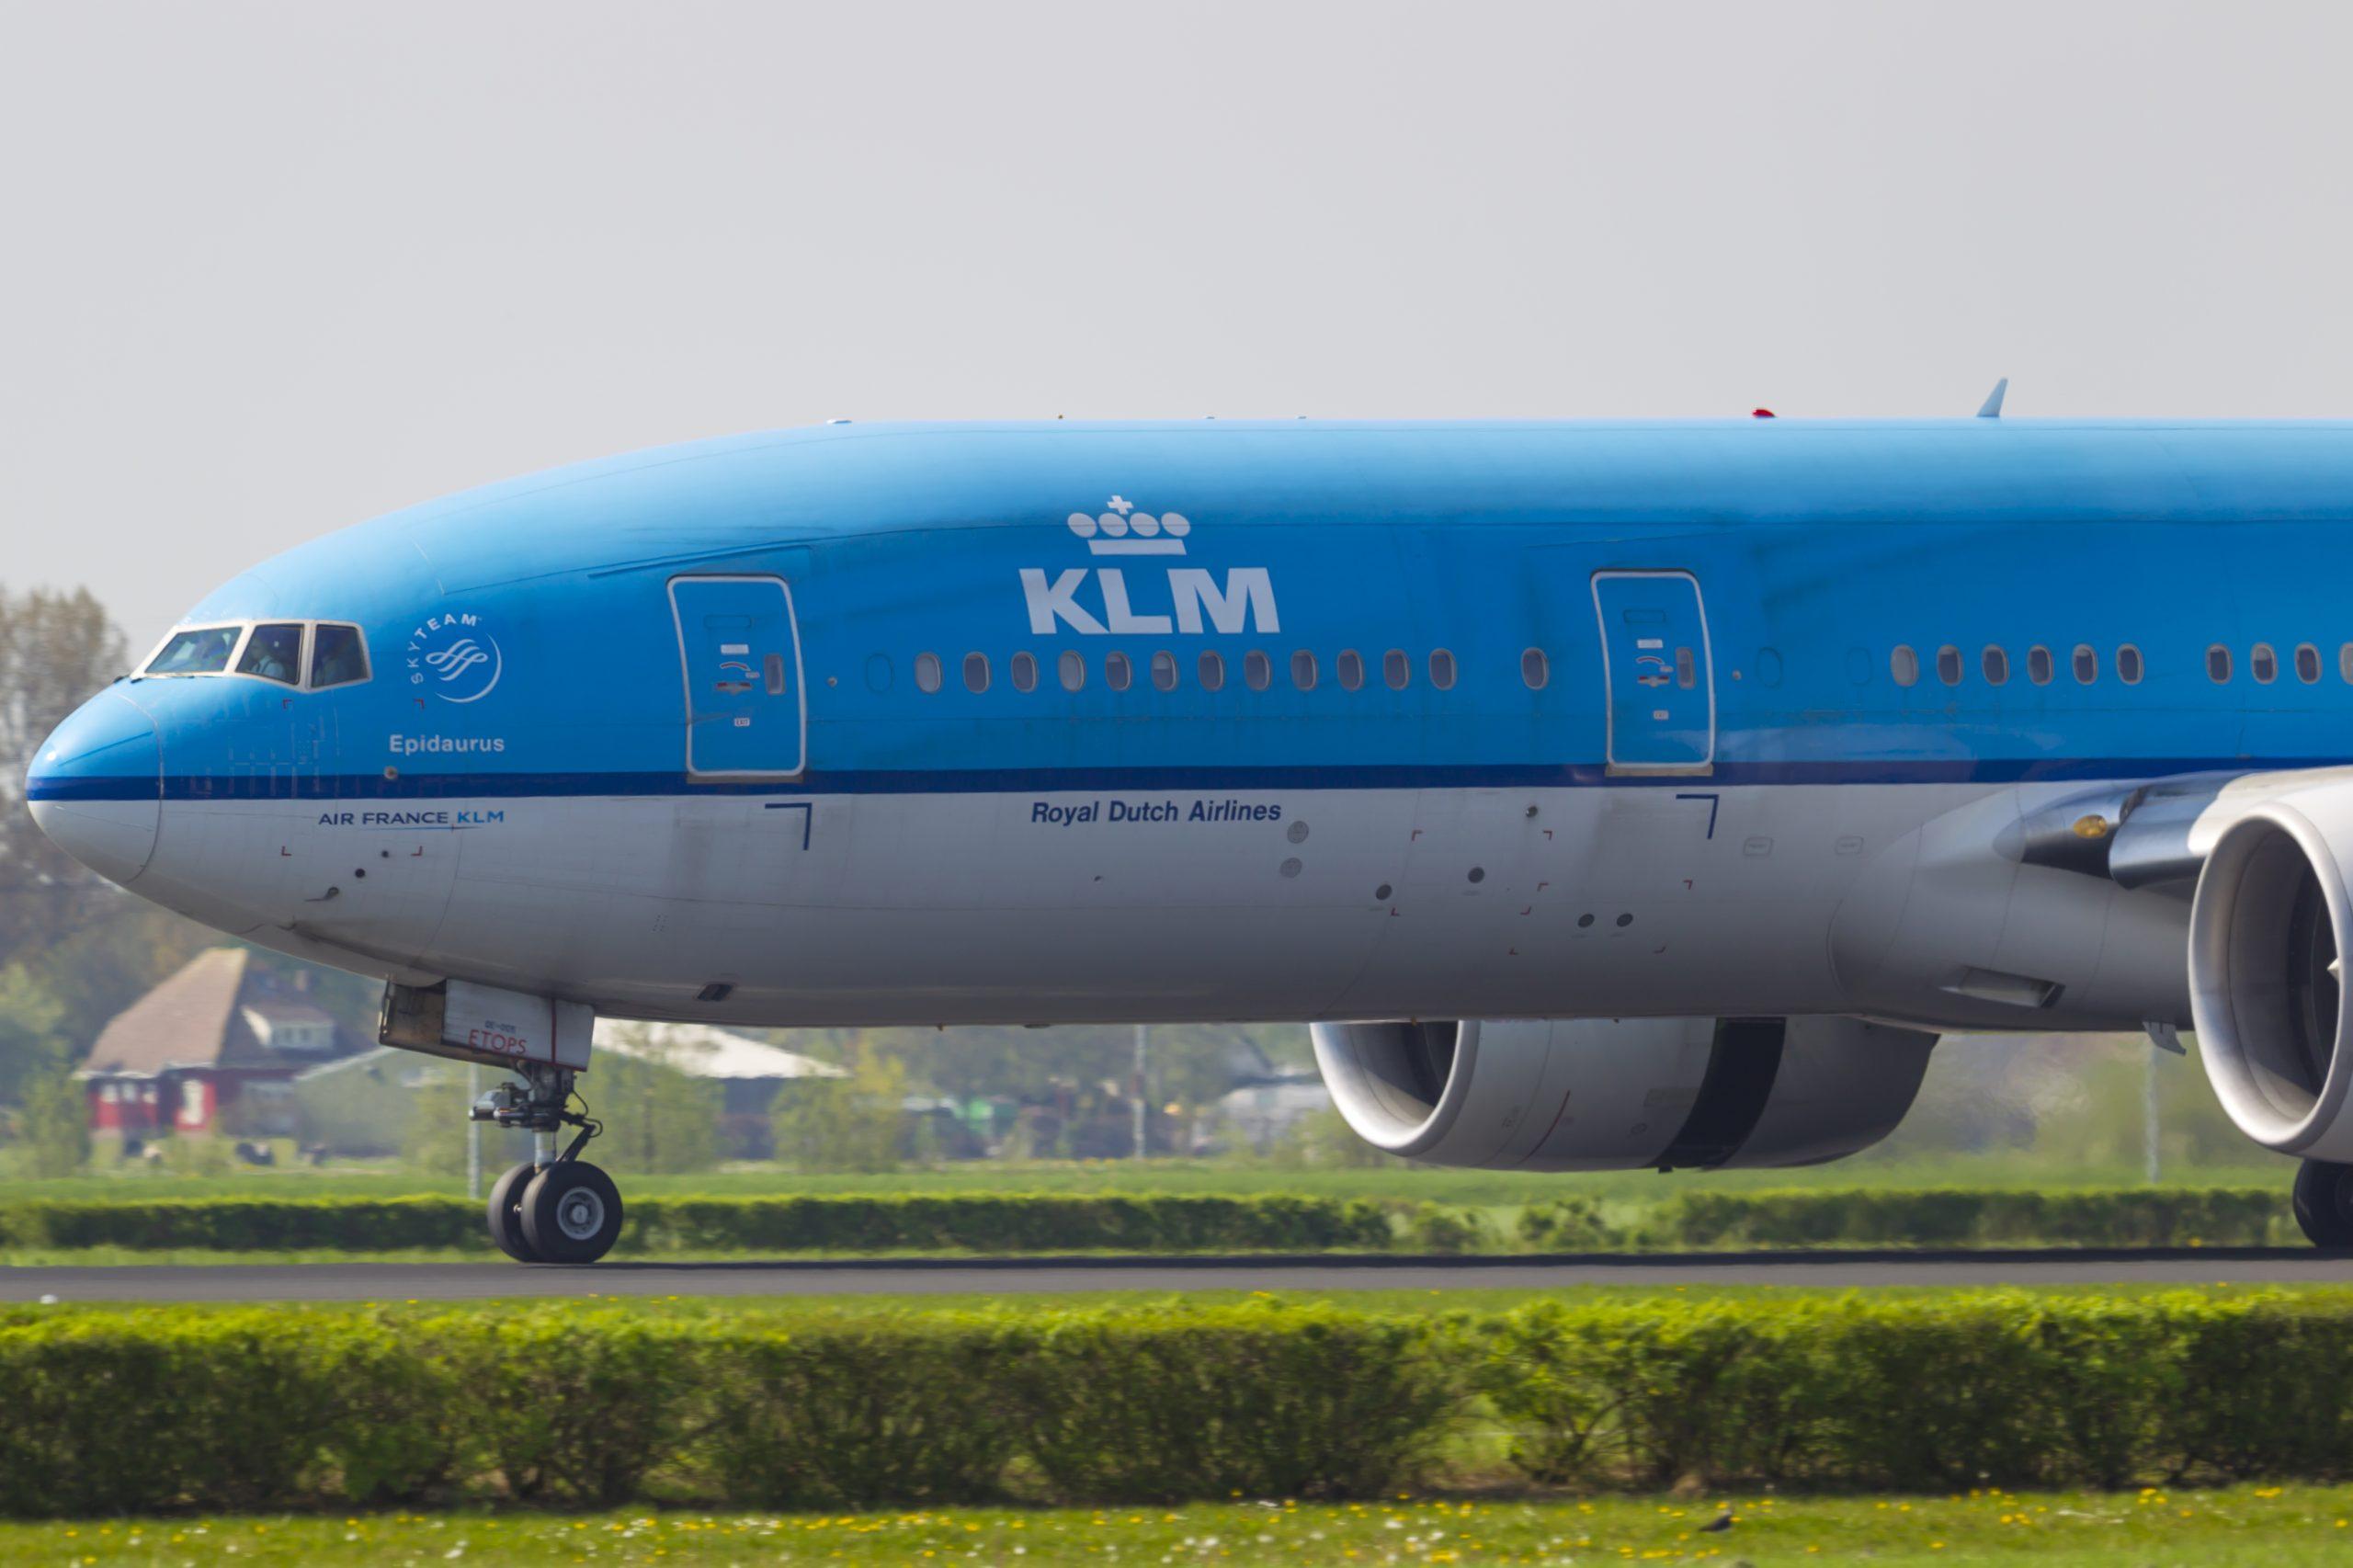 En Boeing 777-200ER fra KLM. (Foto: © Thorbjørn Brunander Sund, Danish Aviation Photo)